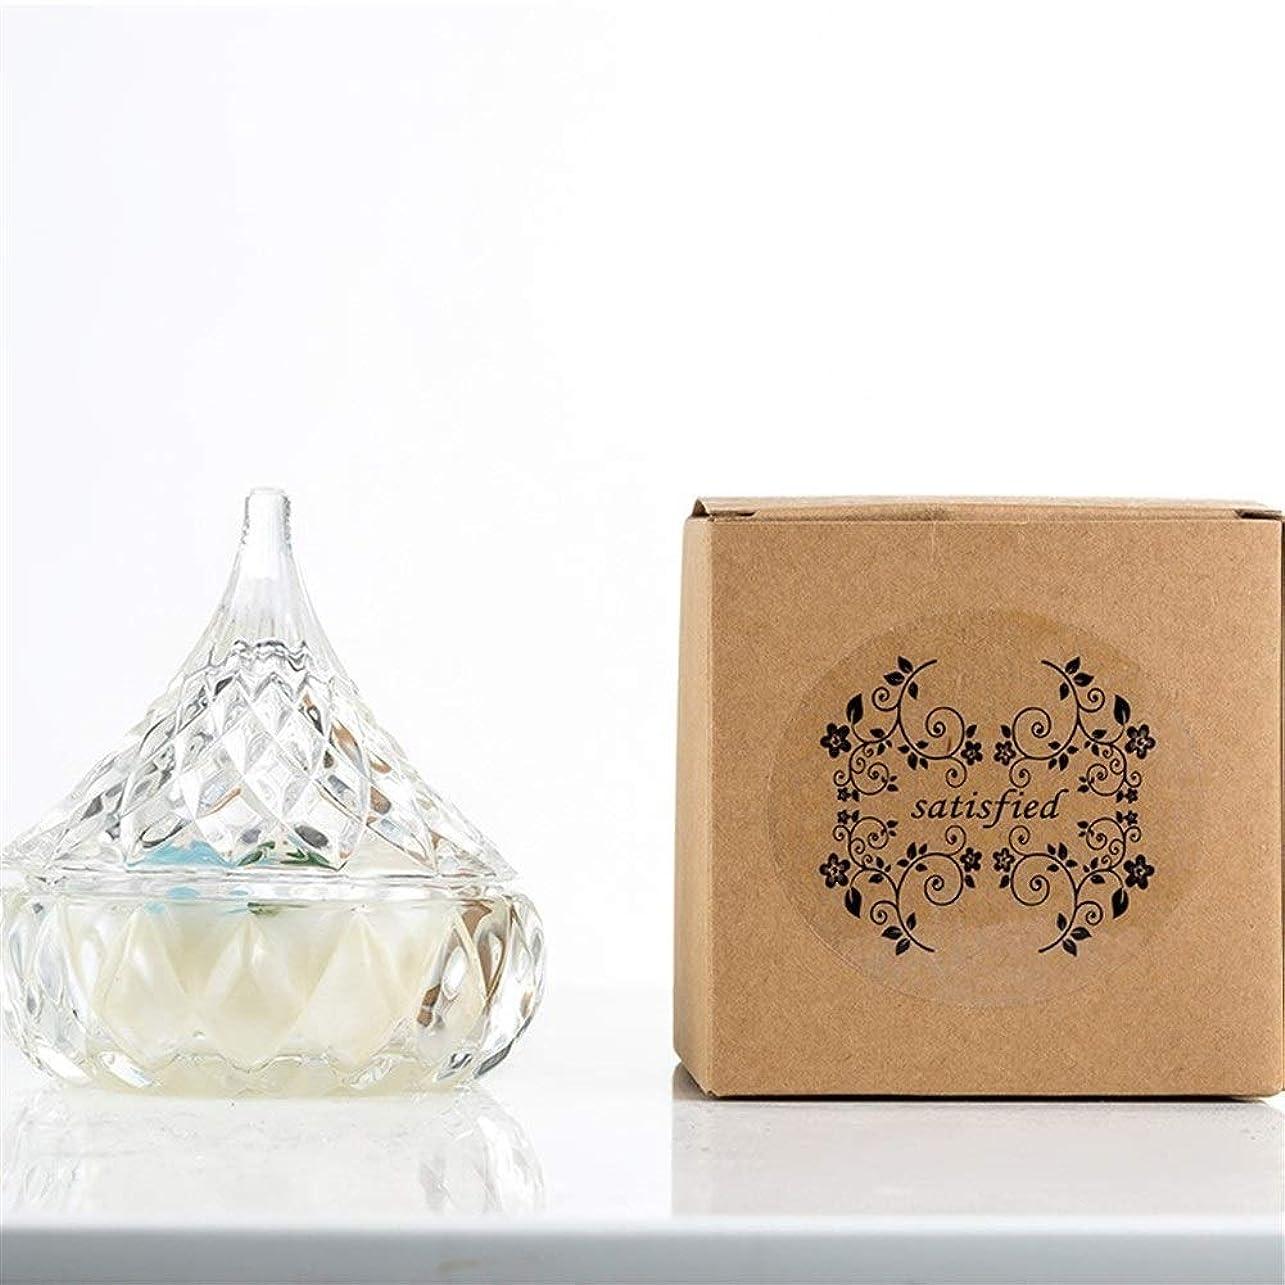 保持散らす手錠Ztian シンプルパオアロマセラピーエッセンシャルオイルラスティングフレグランス環境に優しい非毒性装飾用品キャンドル (色 : Marriage)